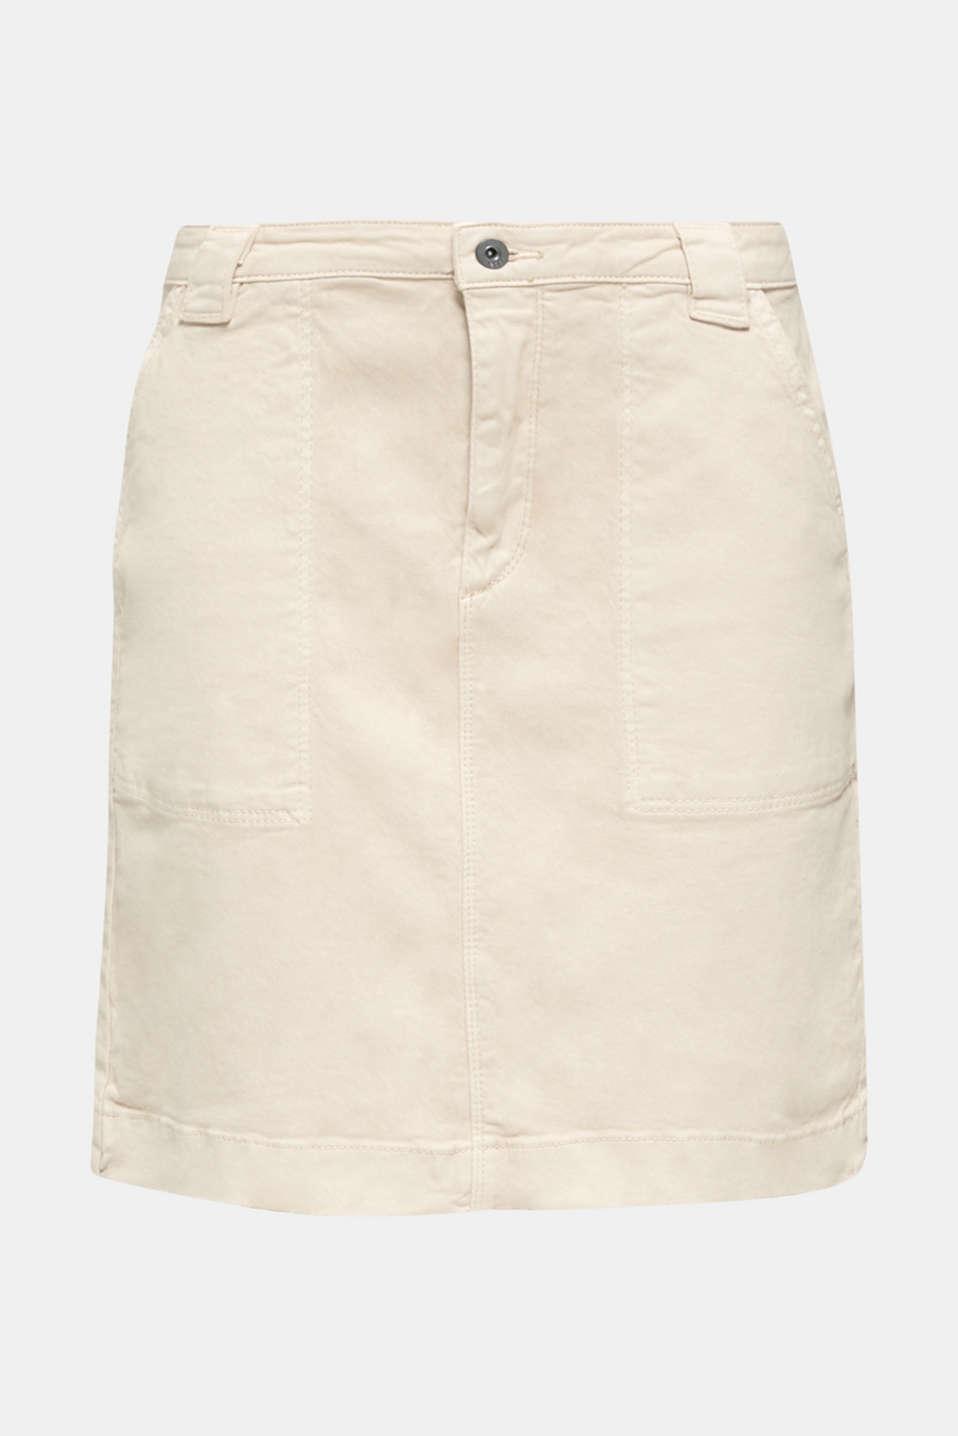 Denim skirt with pockets, SAND, detail image number 5